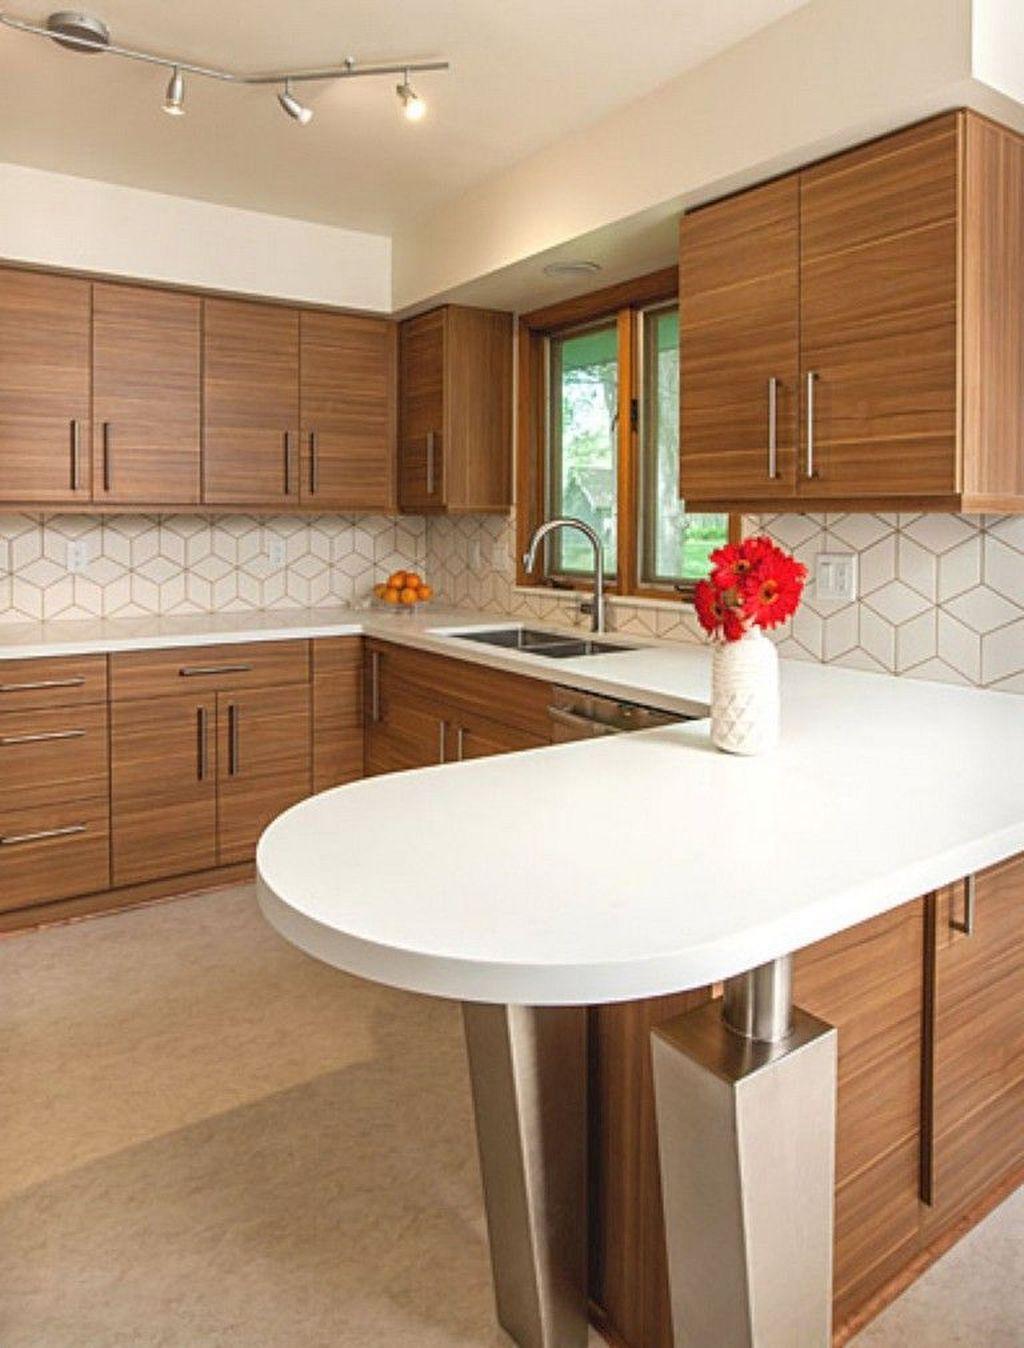 oldhomekitchenremodel   Simple kitchen remodel, Kitchen remodel ...